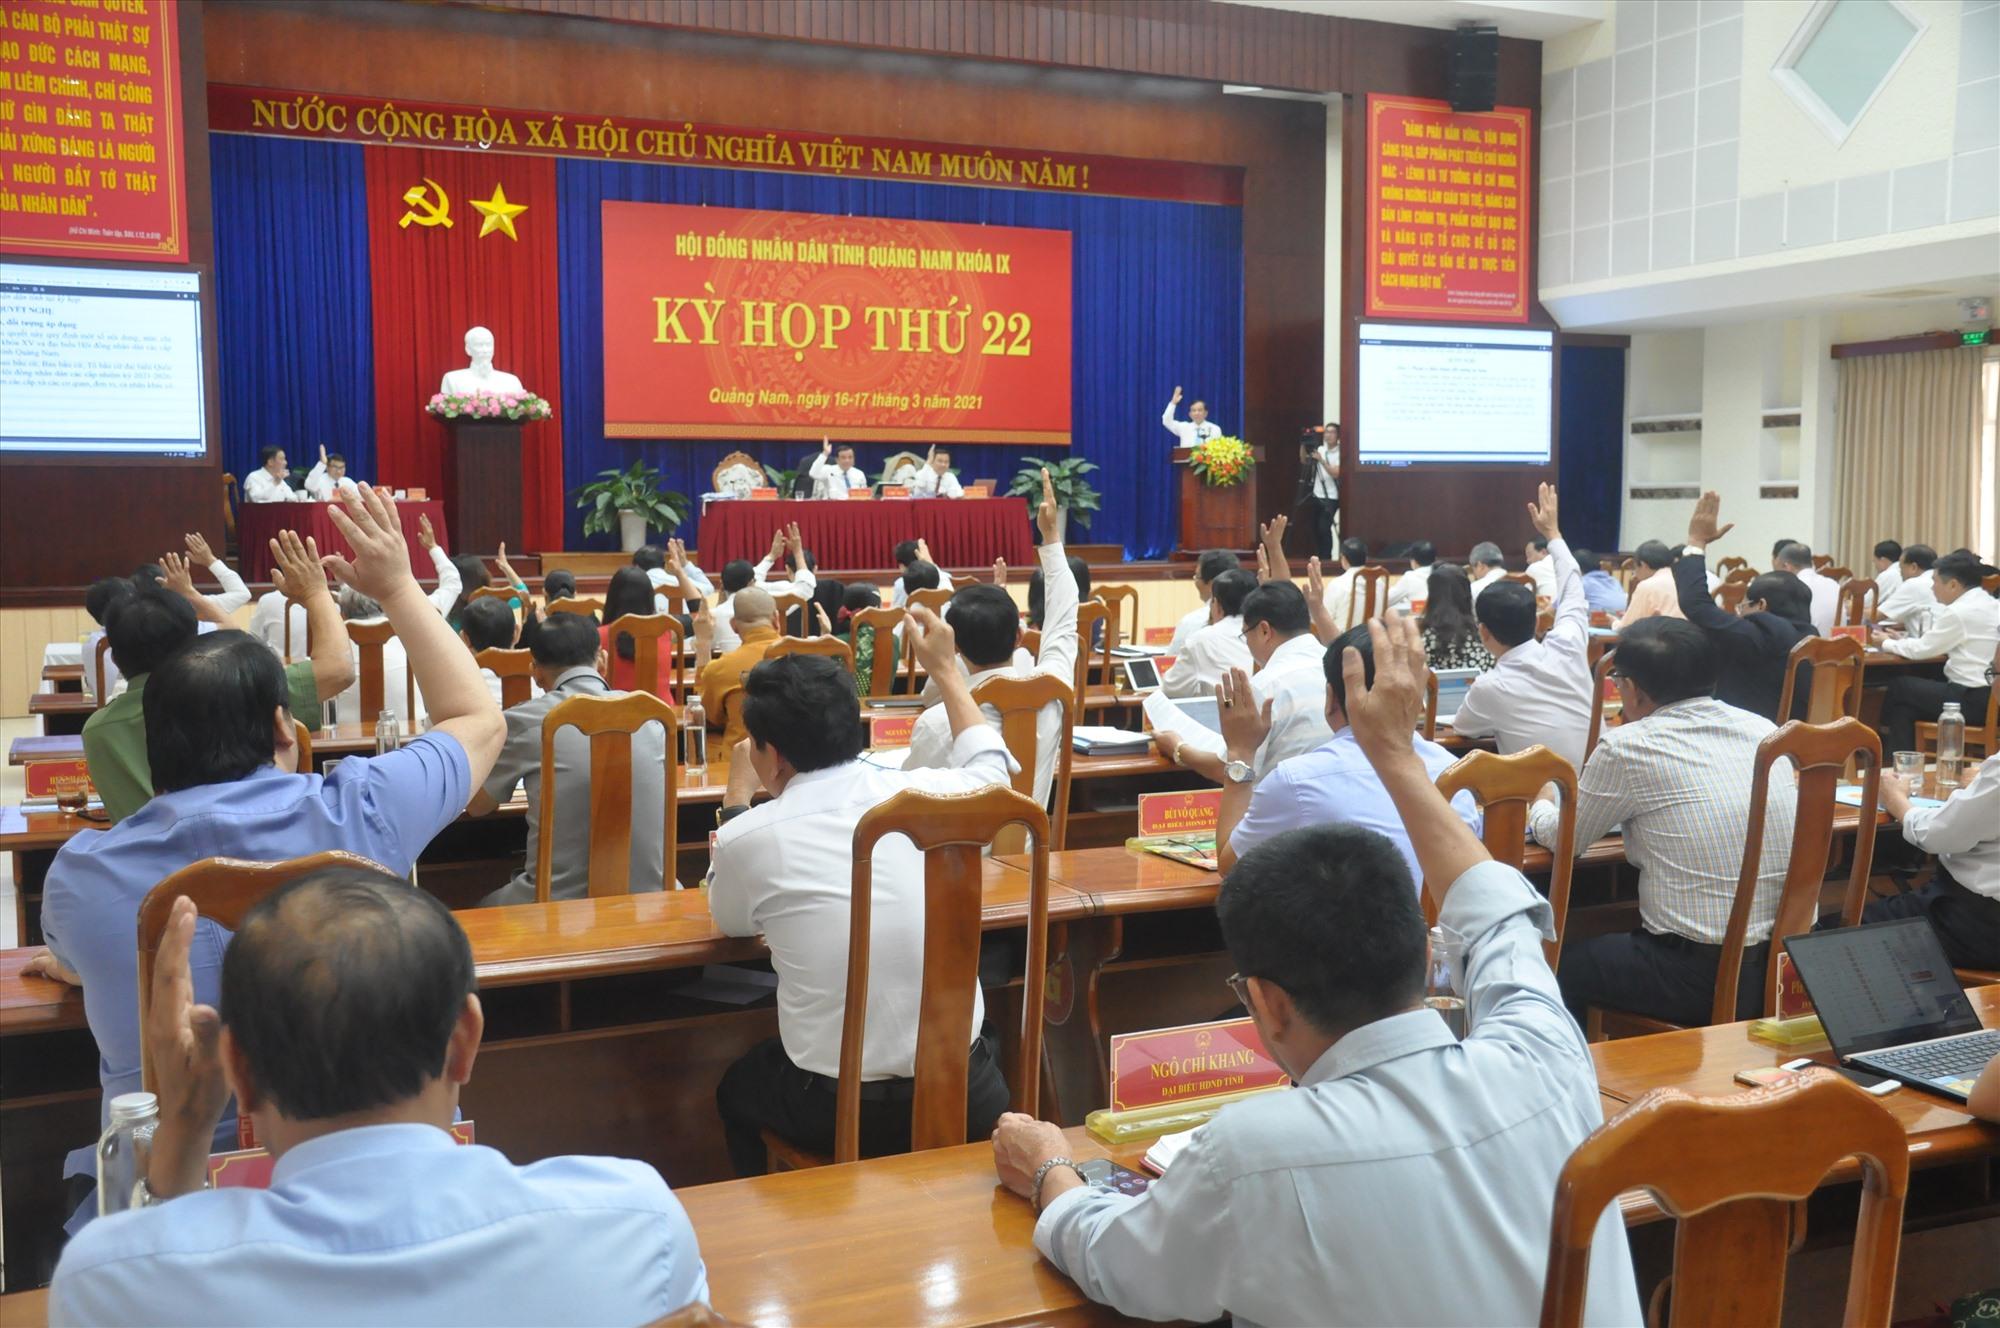 Đại biểu HĐND tỉnh biểu quyết thông qua các nghị quyết tại Kỳ họp thứ 22. Ảnh: N.Đ